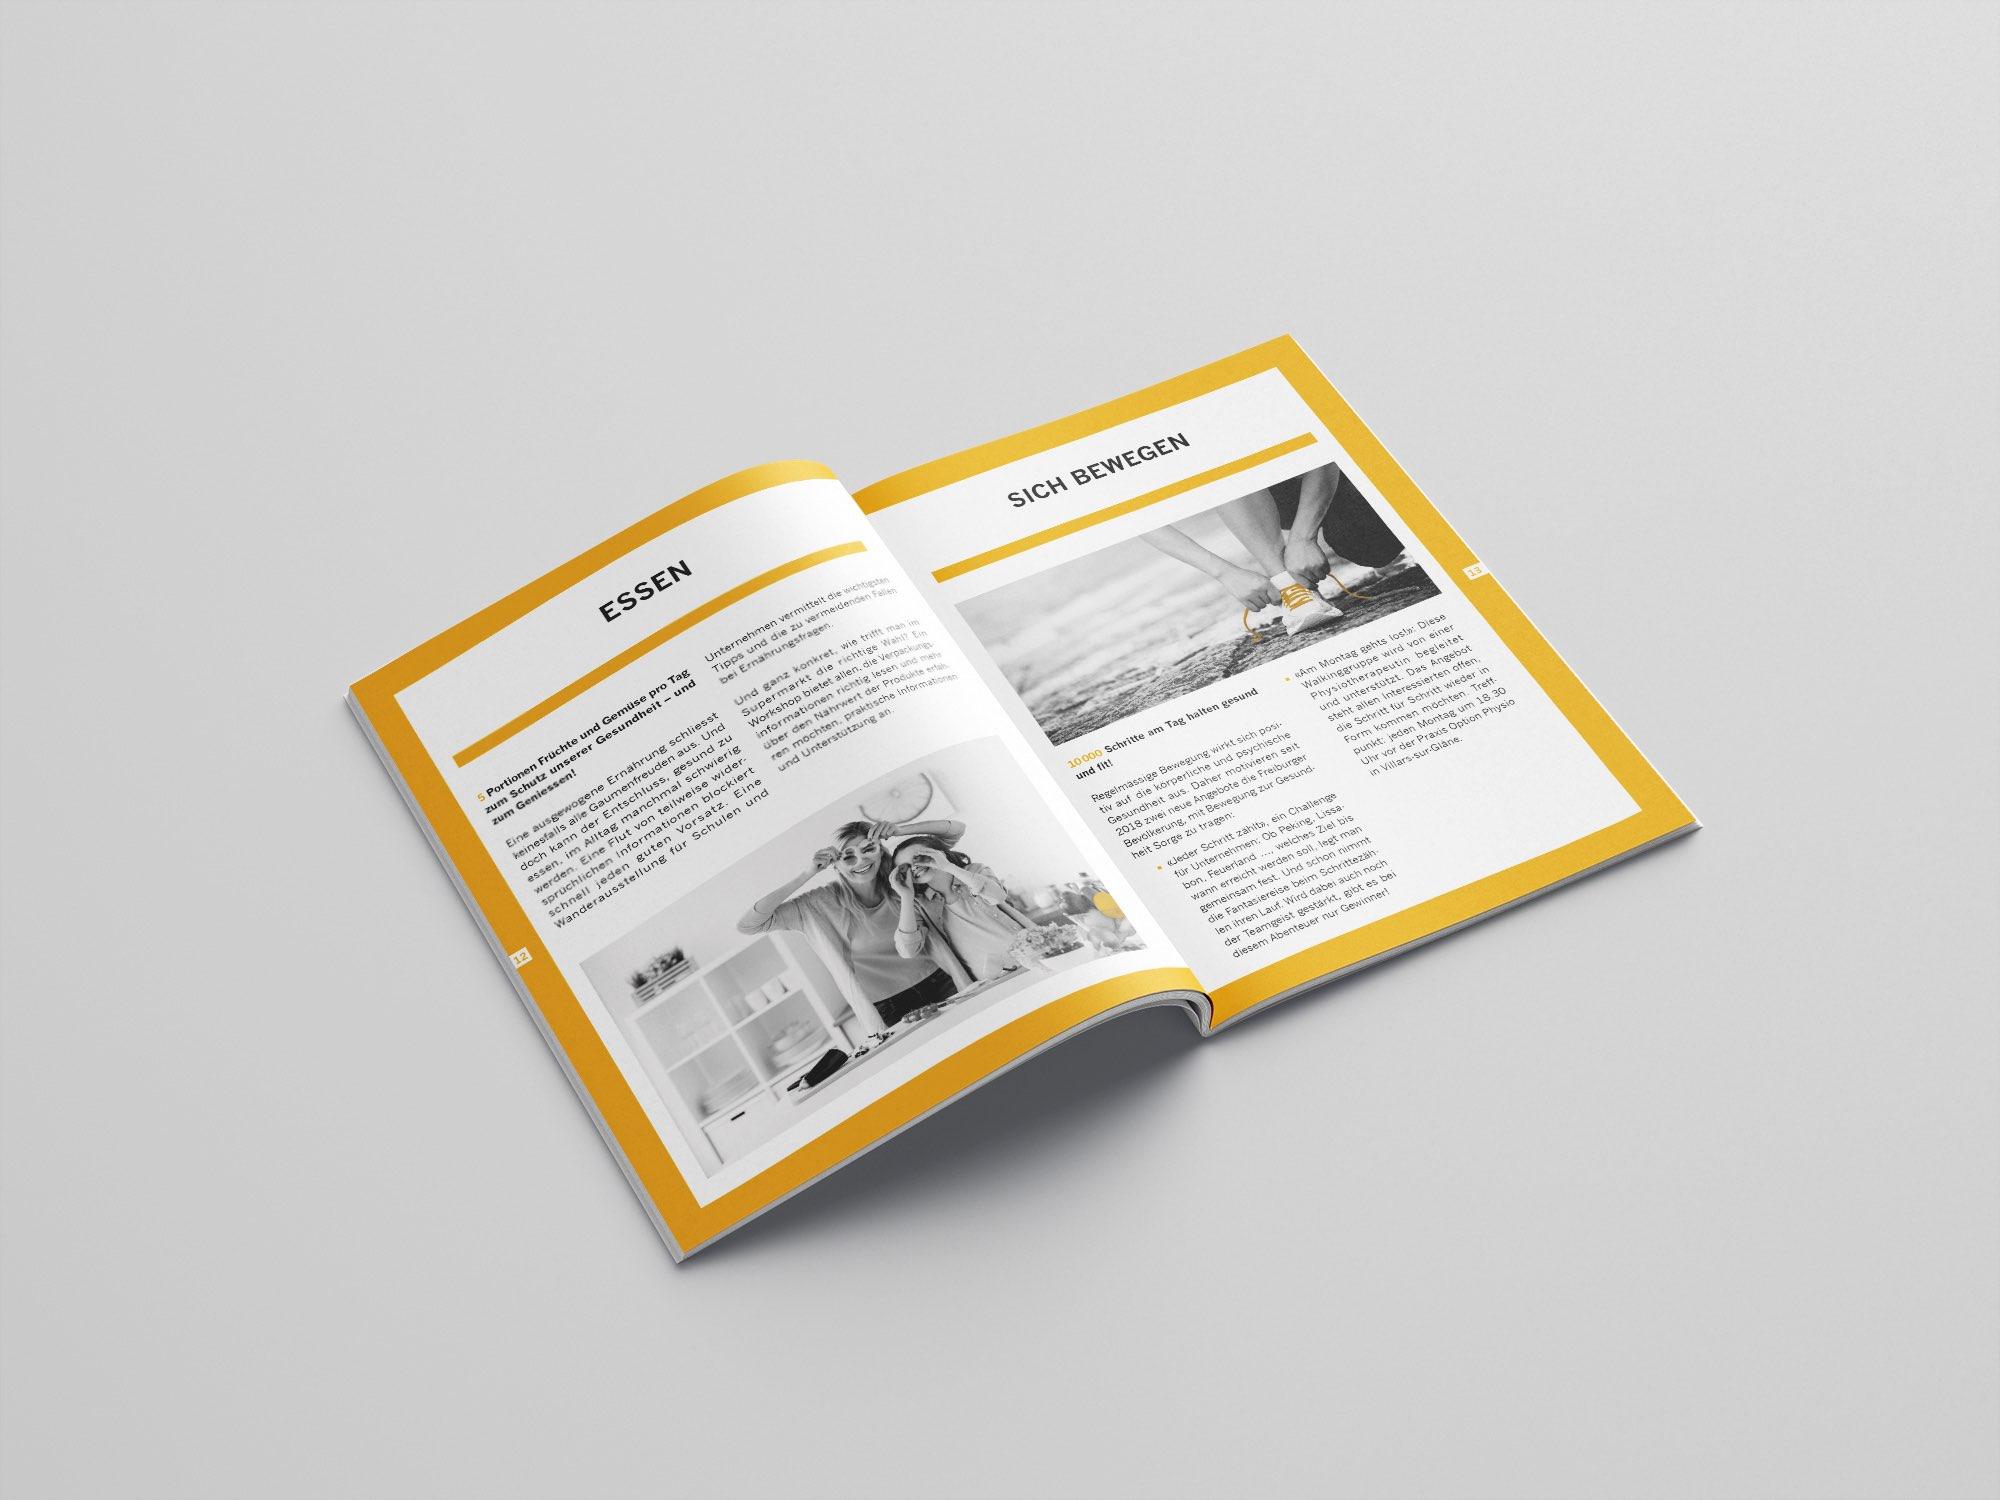 Les Ligues de Santé du canton de Fribourg – Rapport annuel par Créambule